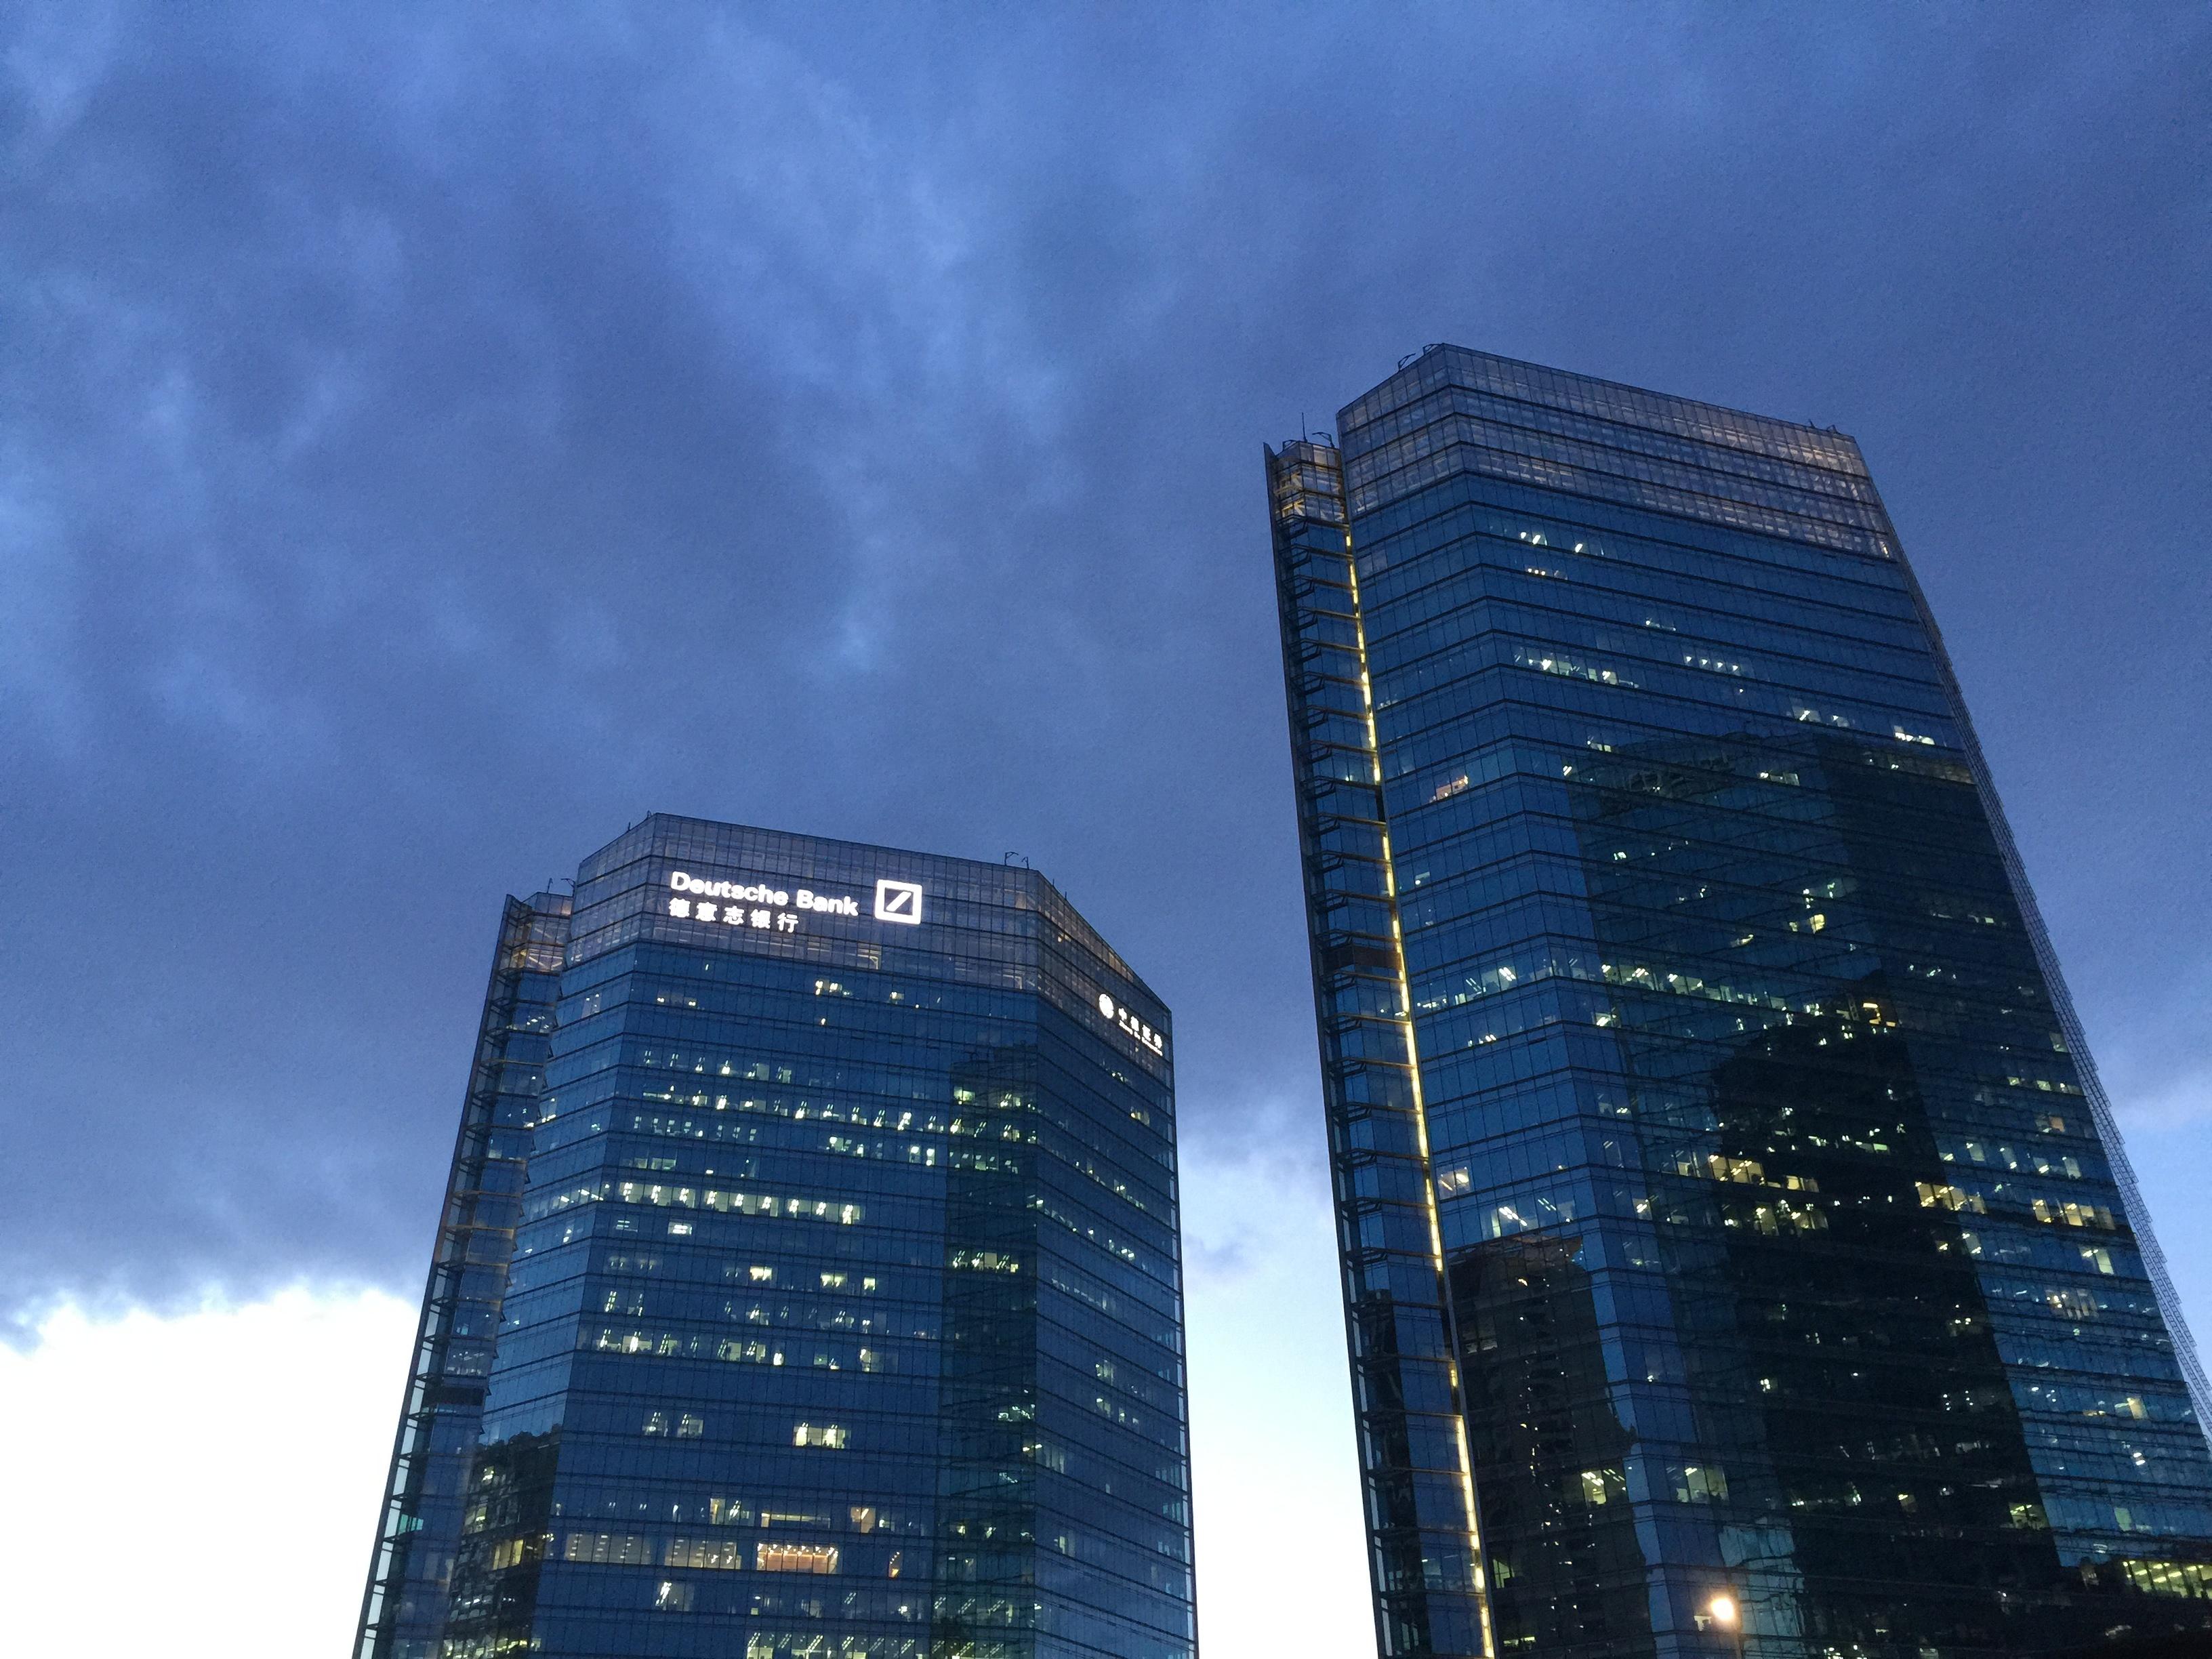 北京|摄影|环境/建筑|九五拾光 - 原创作品 - 站酷图片